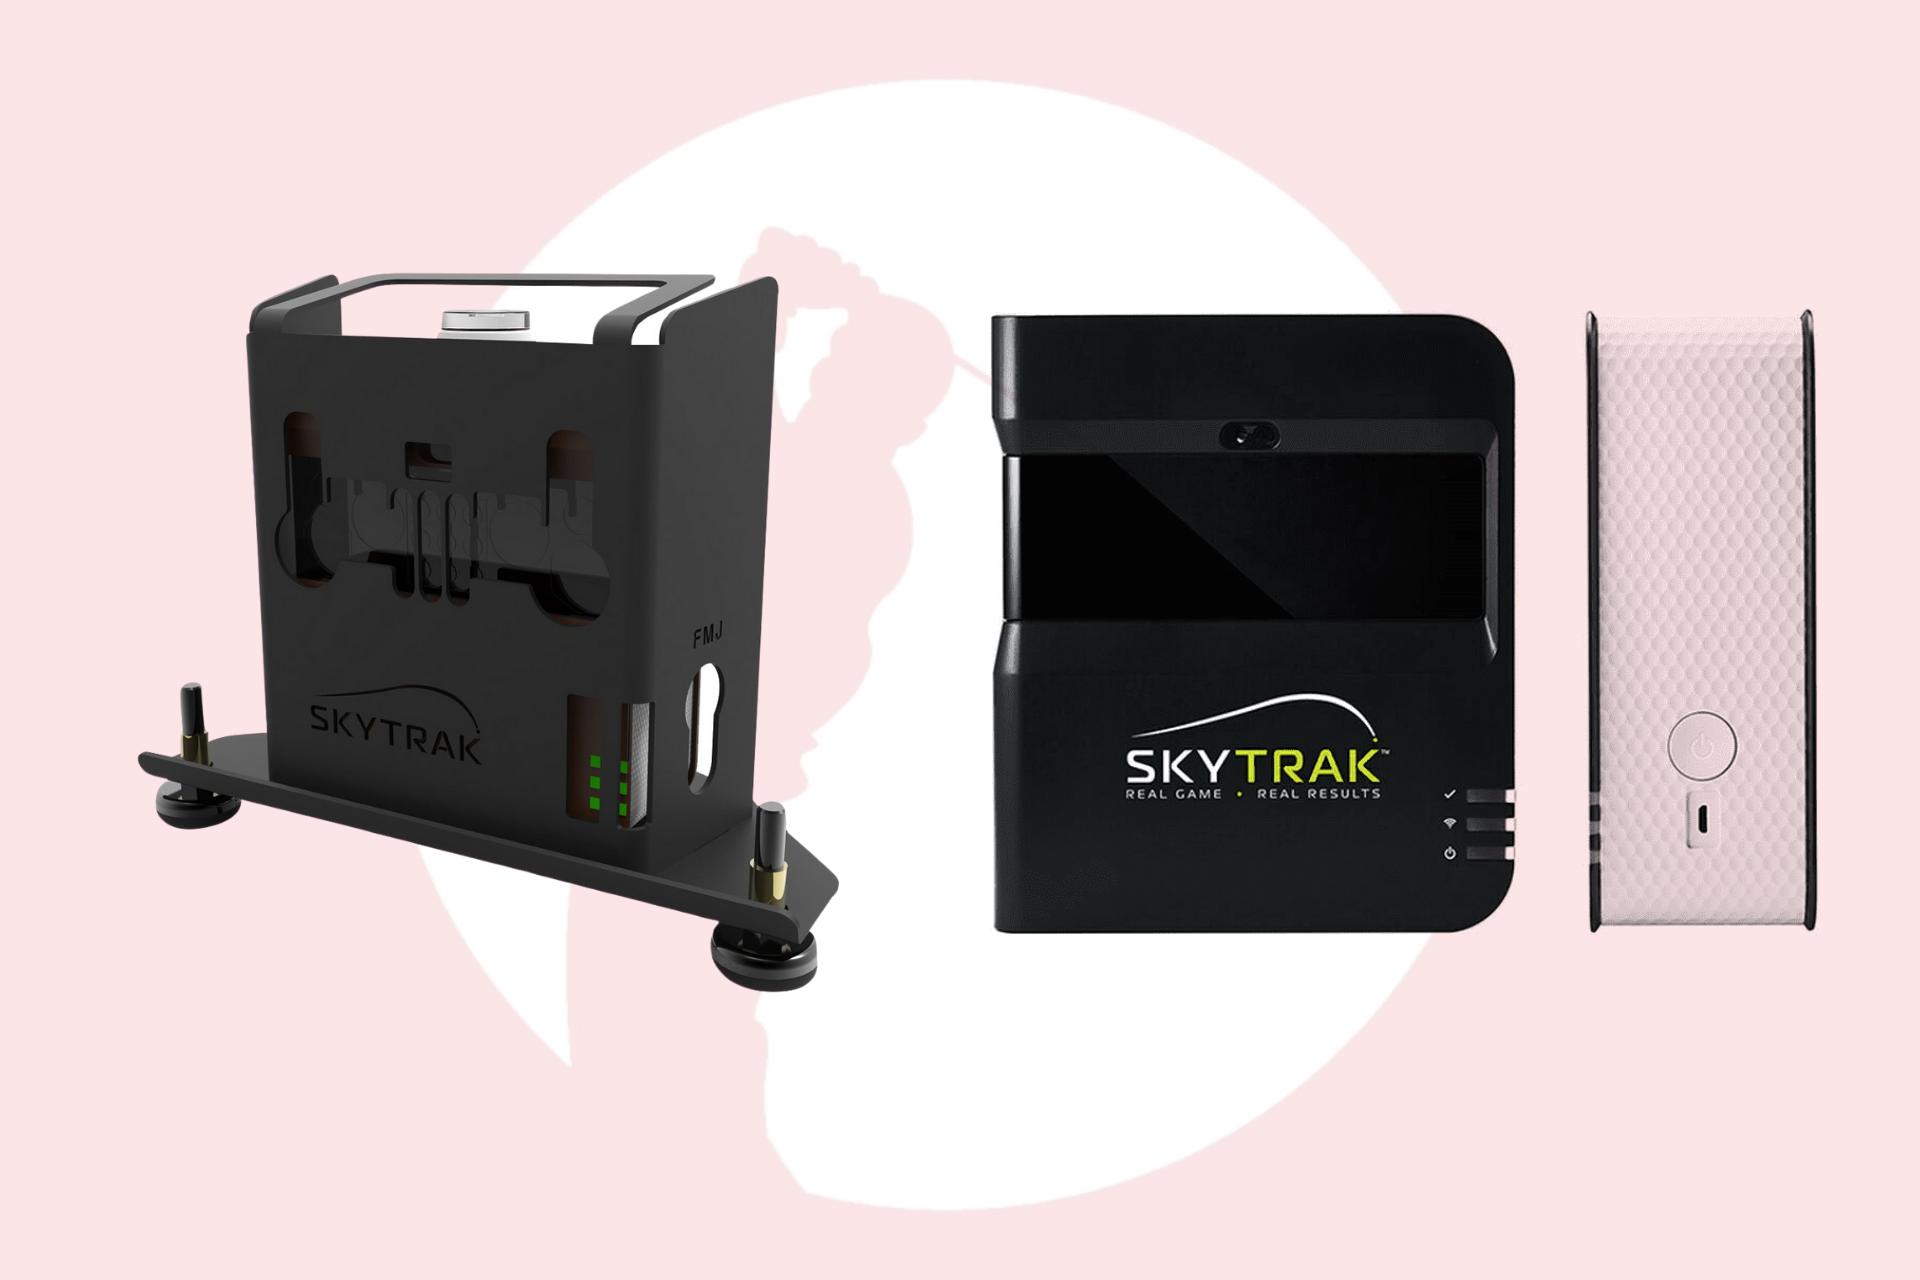 Verkauf von SkyTrak und Golfsimulatoren